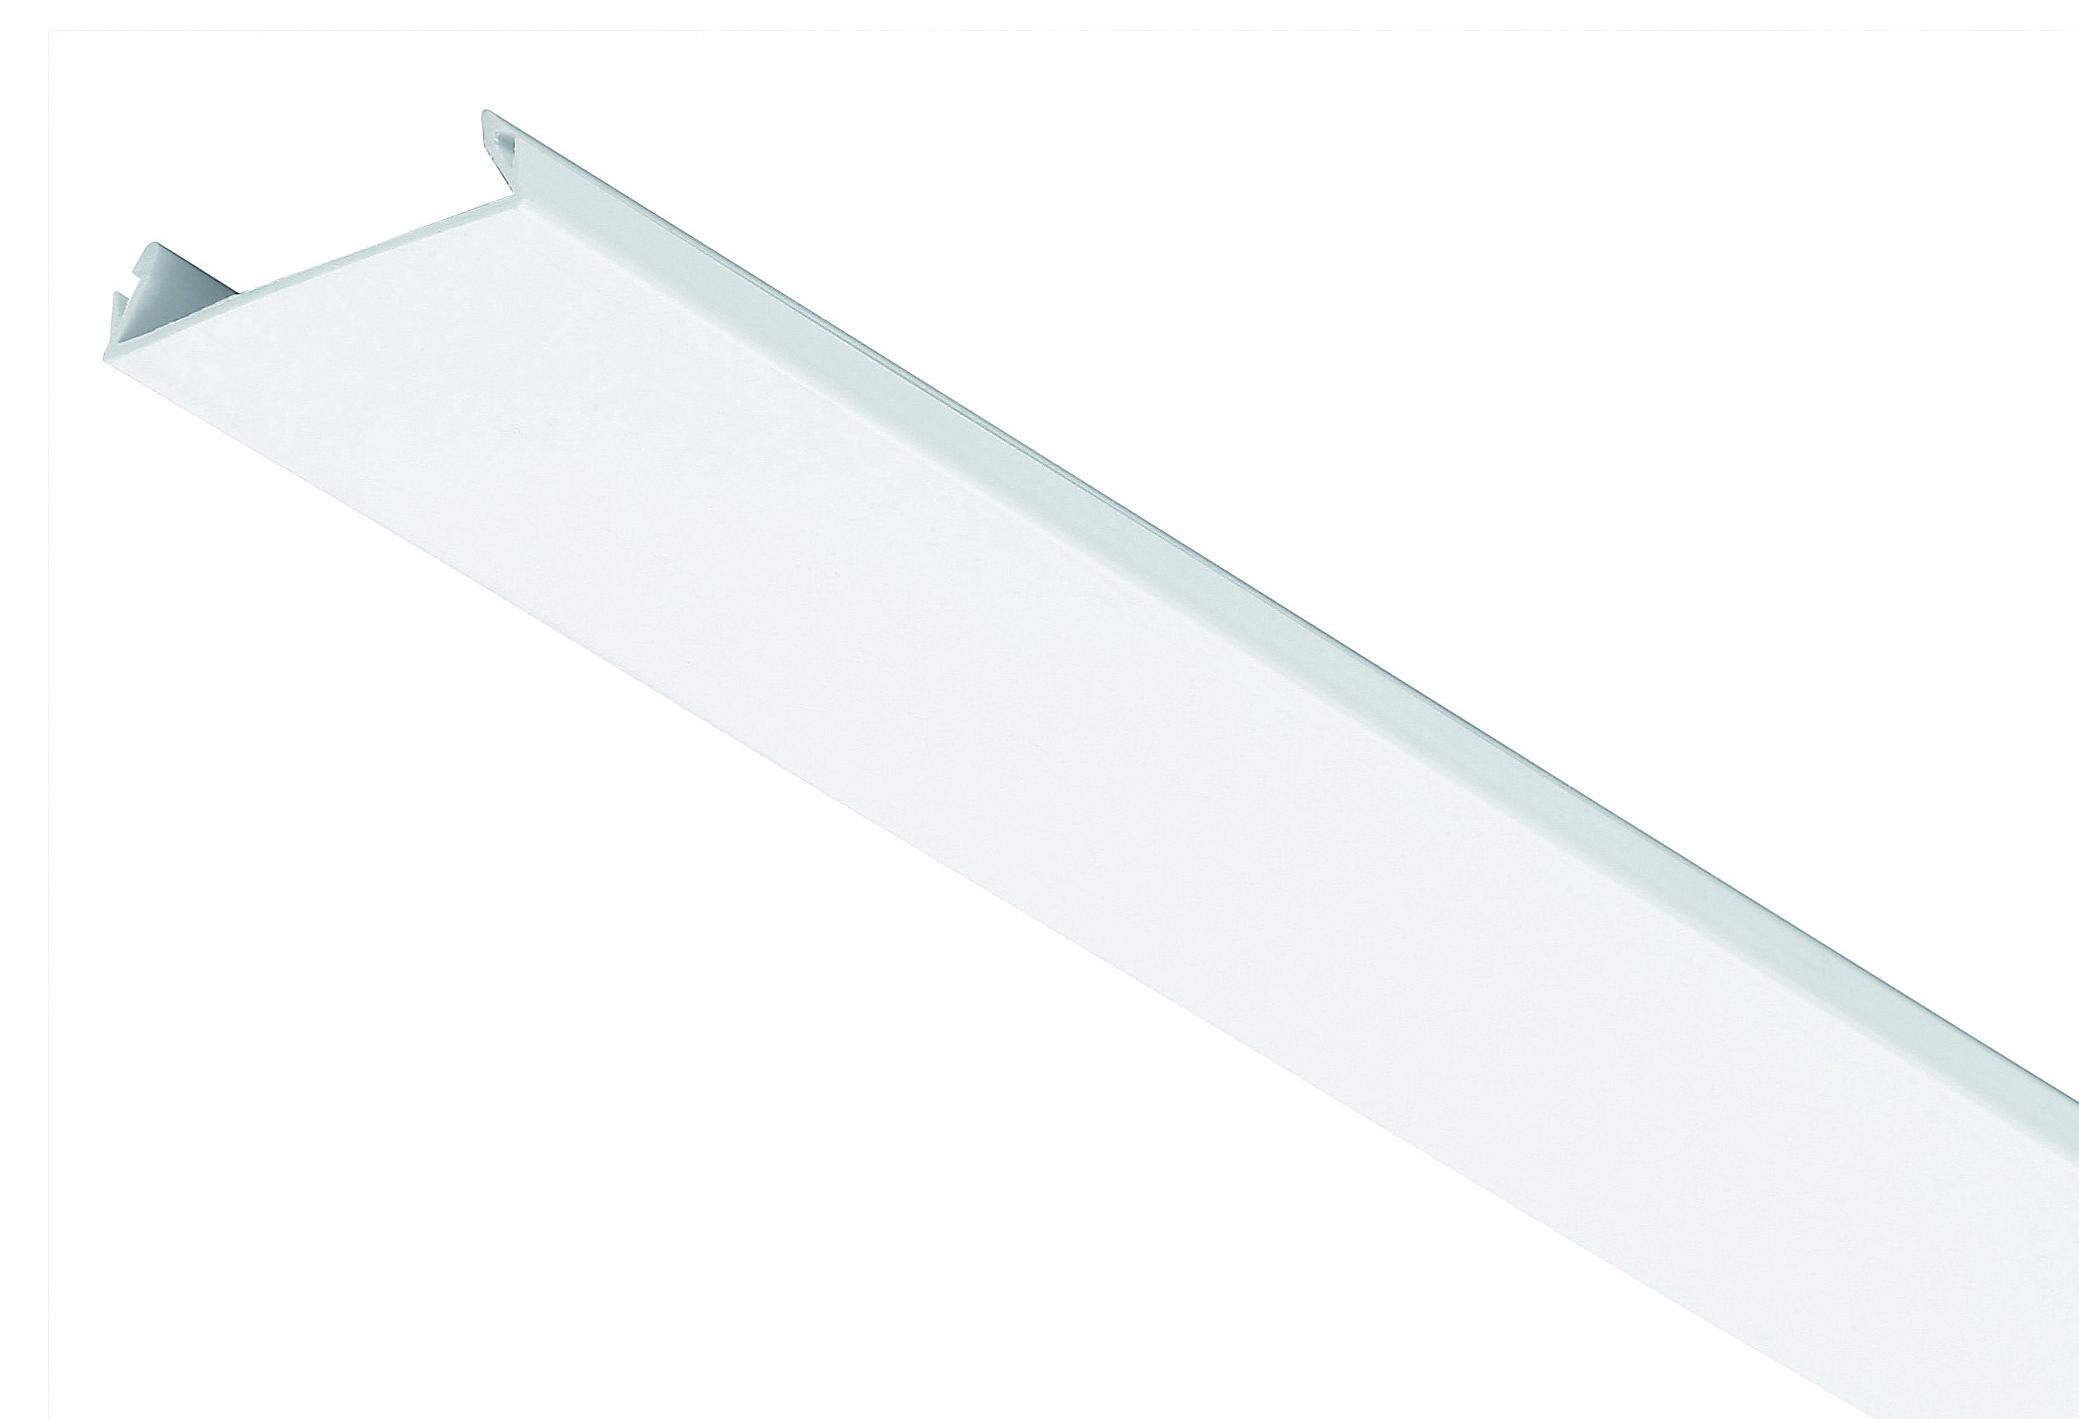 L-SE Blindabdeckung DM T5 aus Kunststoff, Weiß